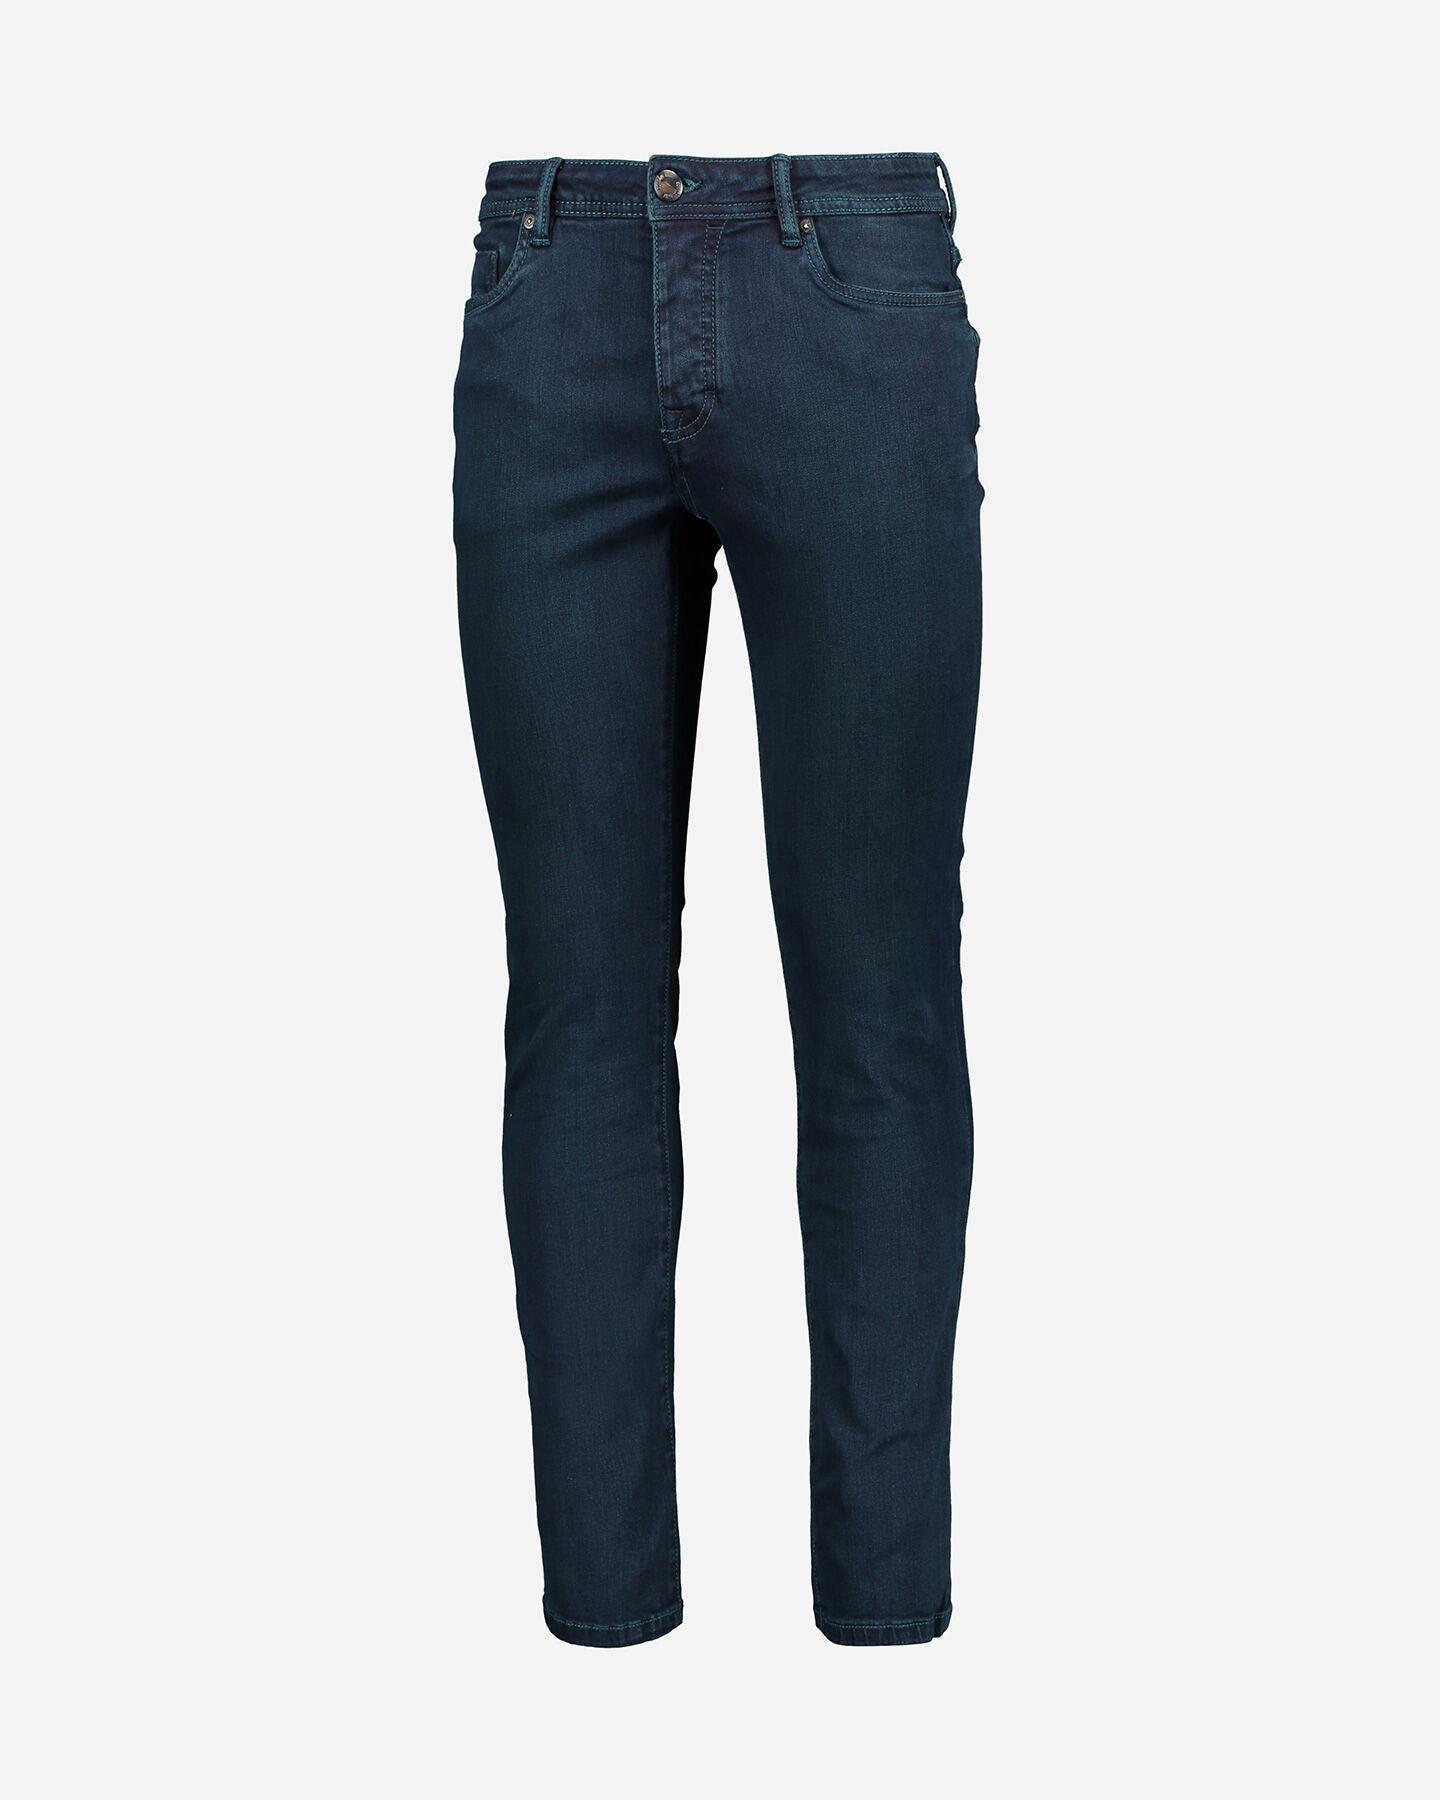 Jeans COTTON BELT CHANDLER SLIM M S4070911 scatto 5